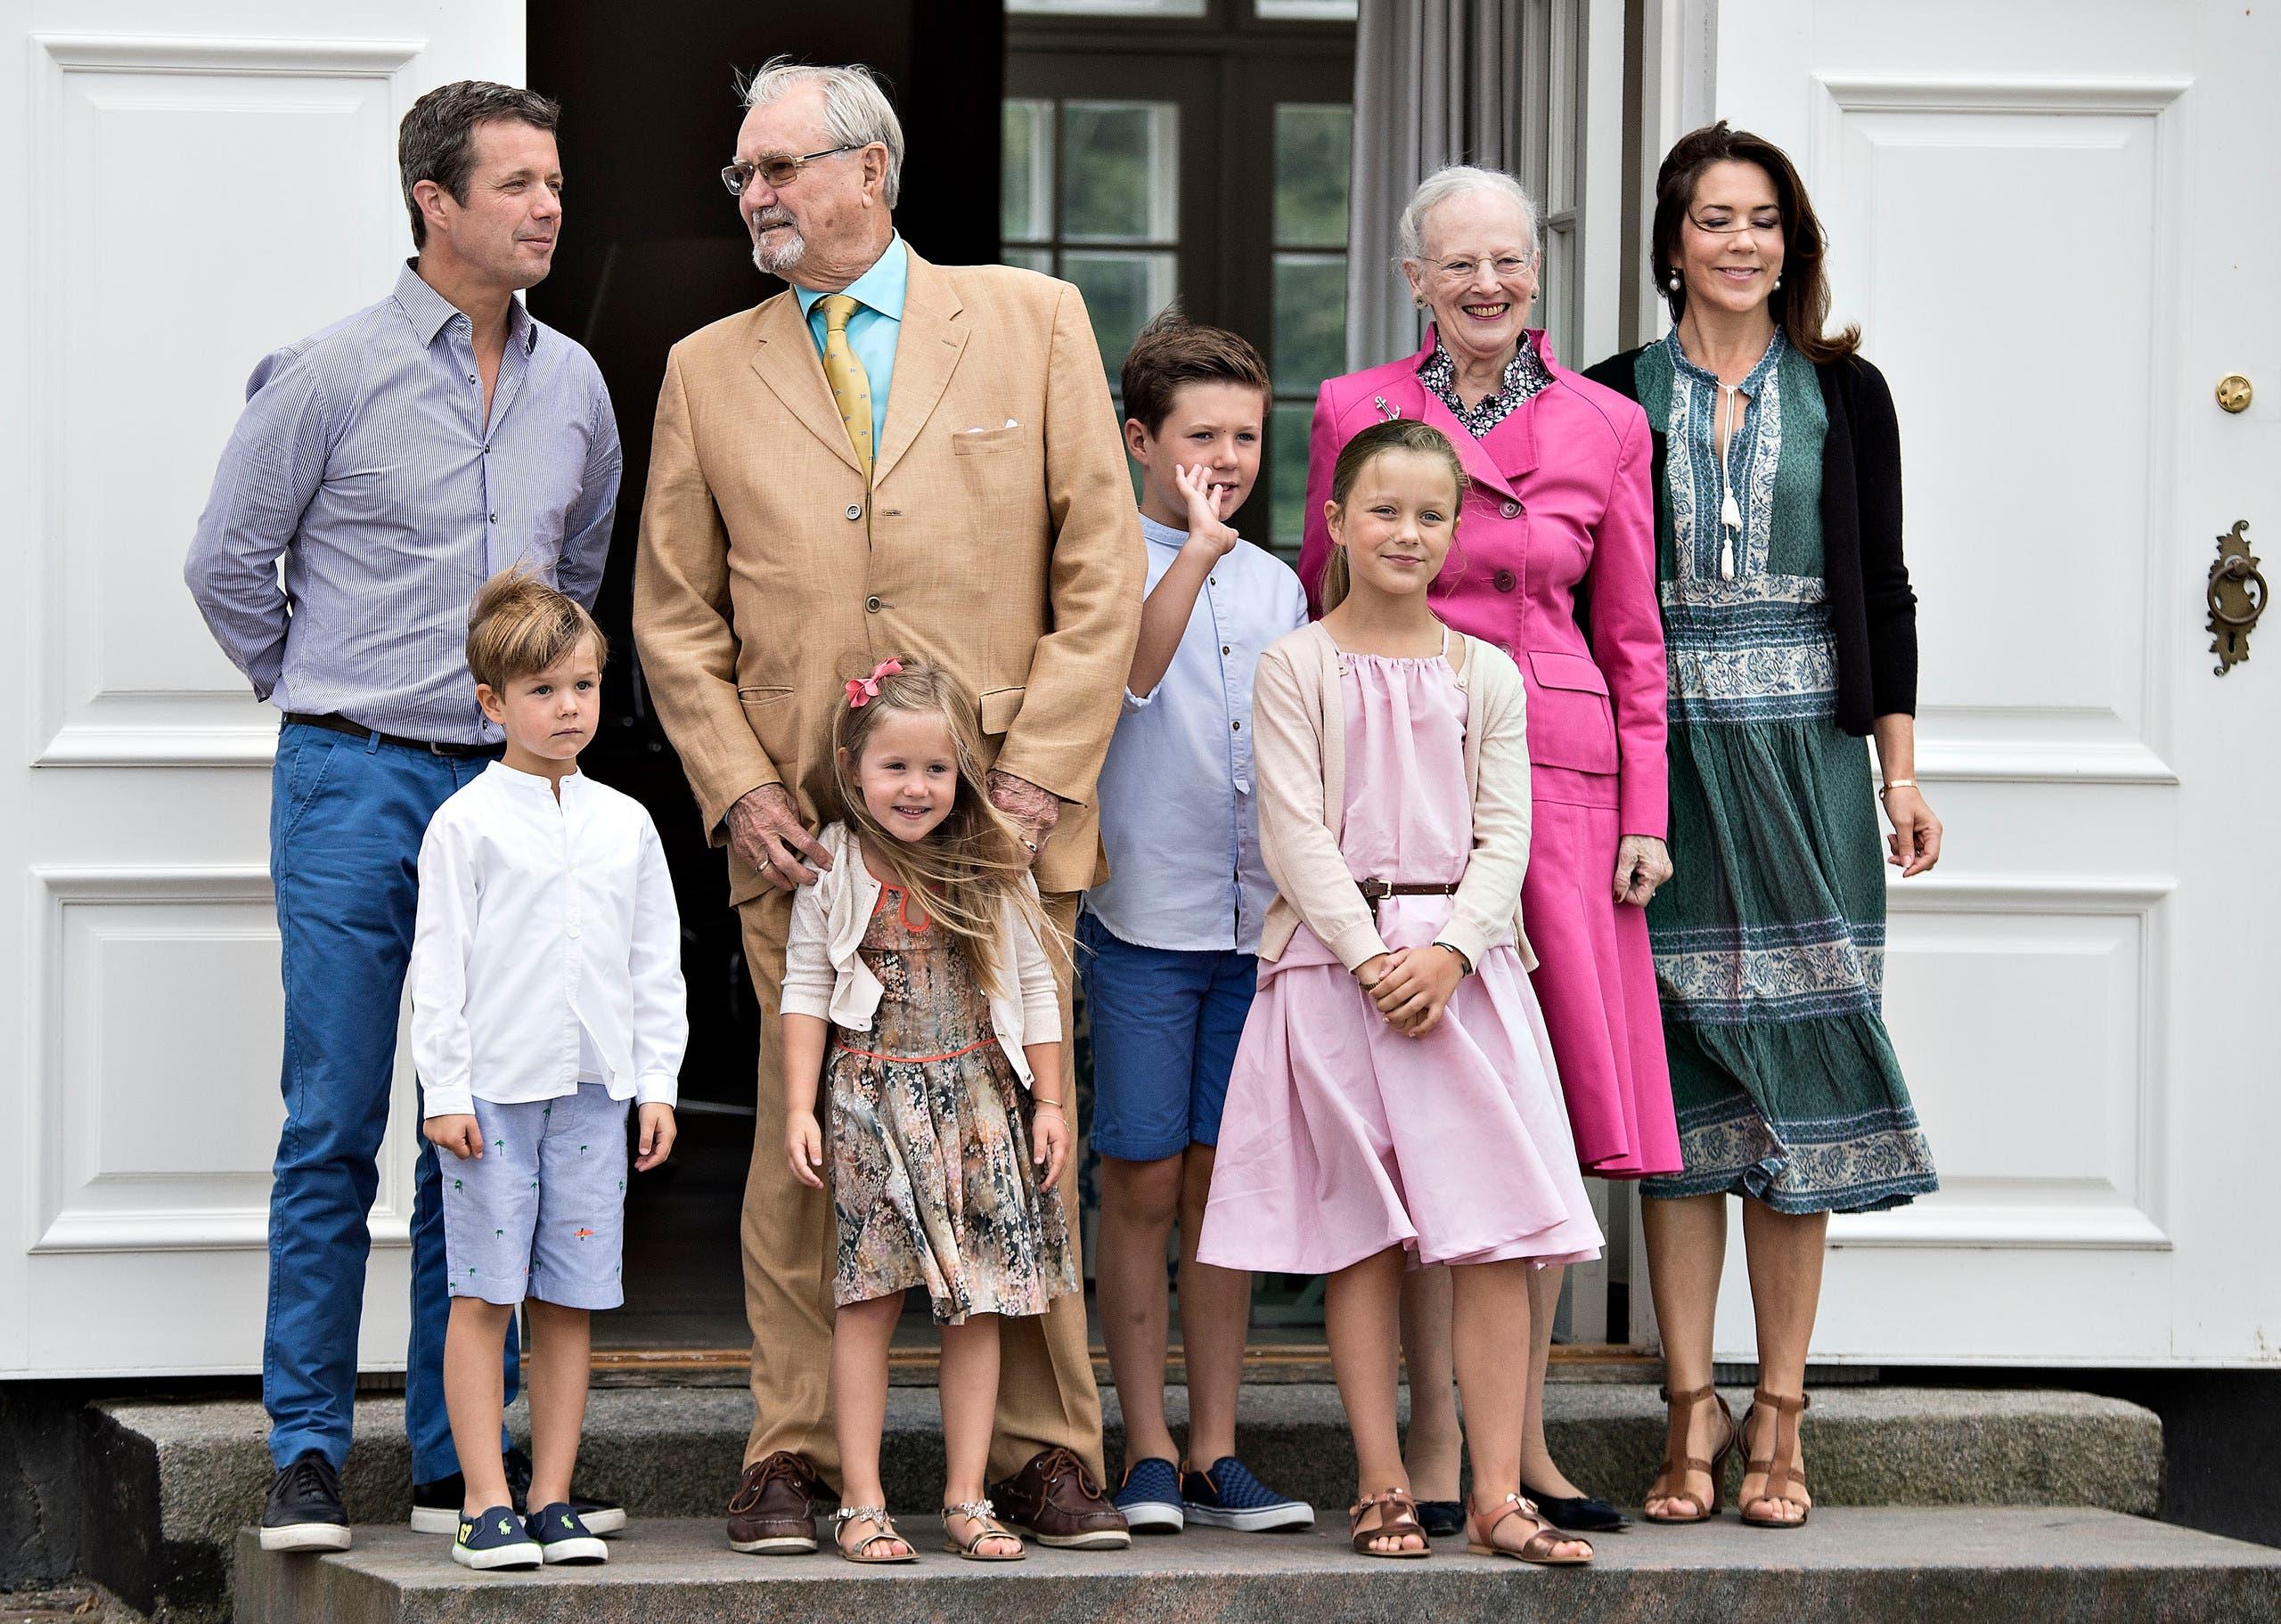 الأمير هنريك مع عائلته الملكية